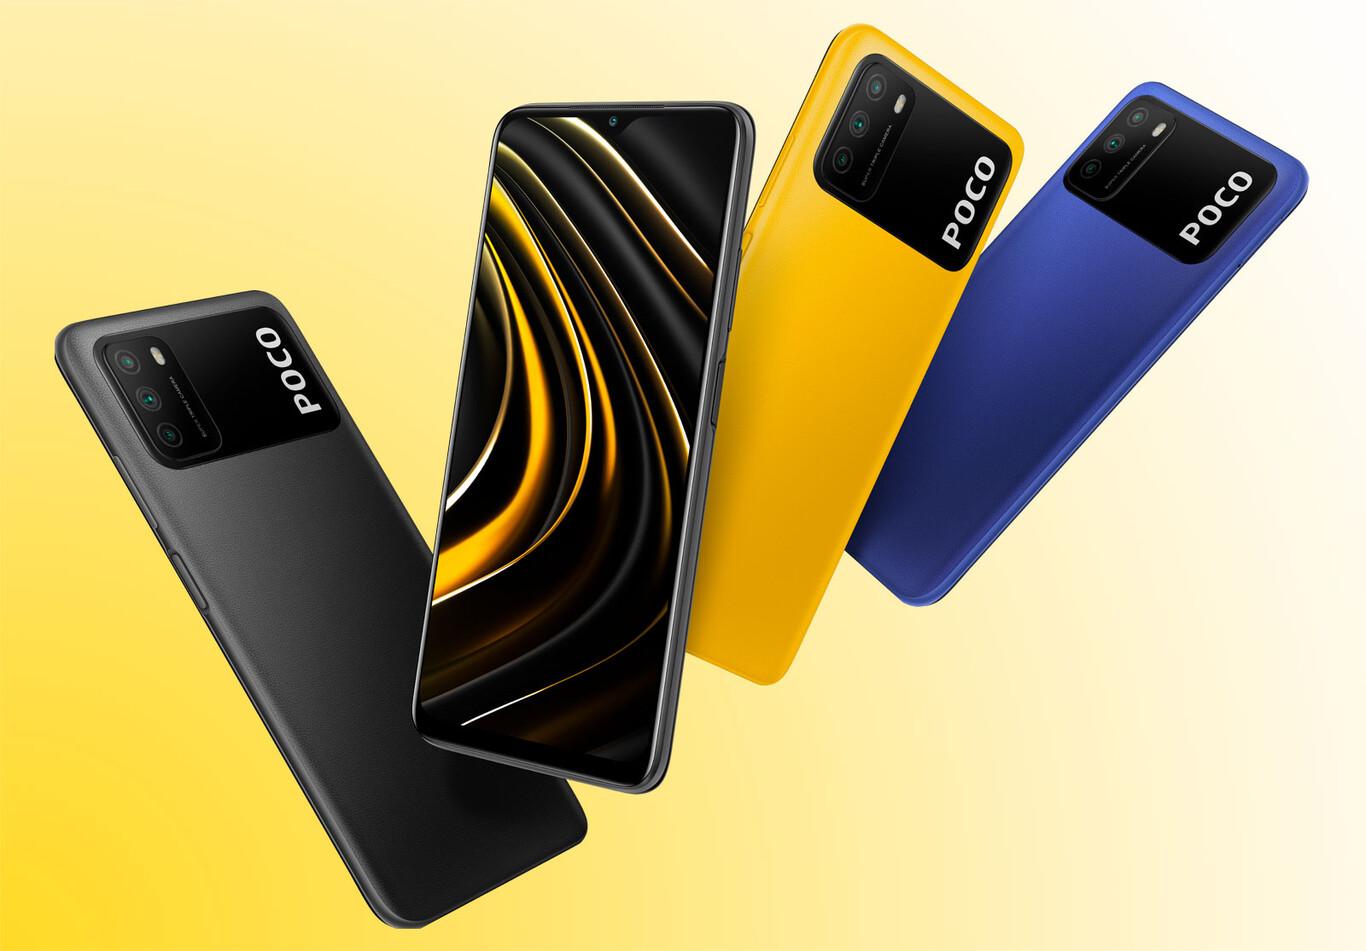 Nuevo Xiaomi POCO M3: características, precio y ficha técnica. teléfonos de Xiaomi que puedes comprar en Venezuela